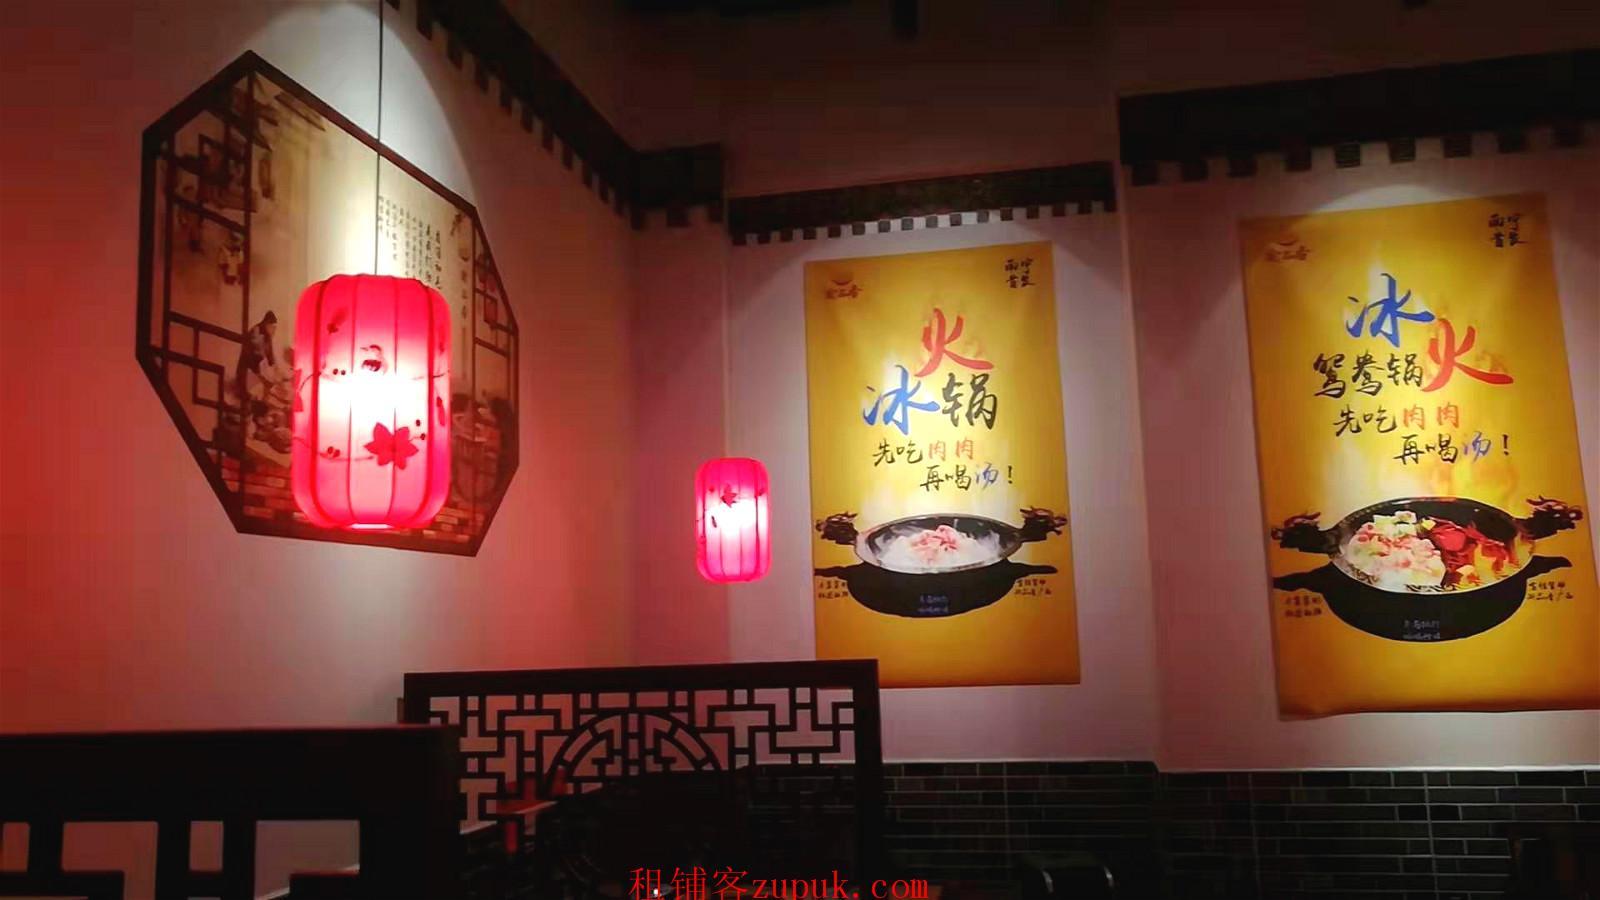 江南万达广场美食街餐饮老店低价转让